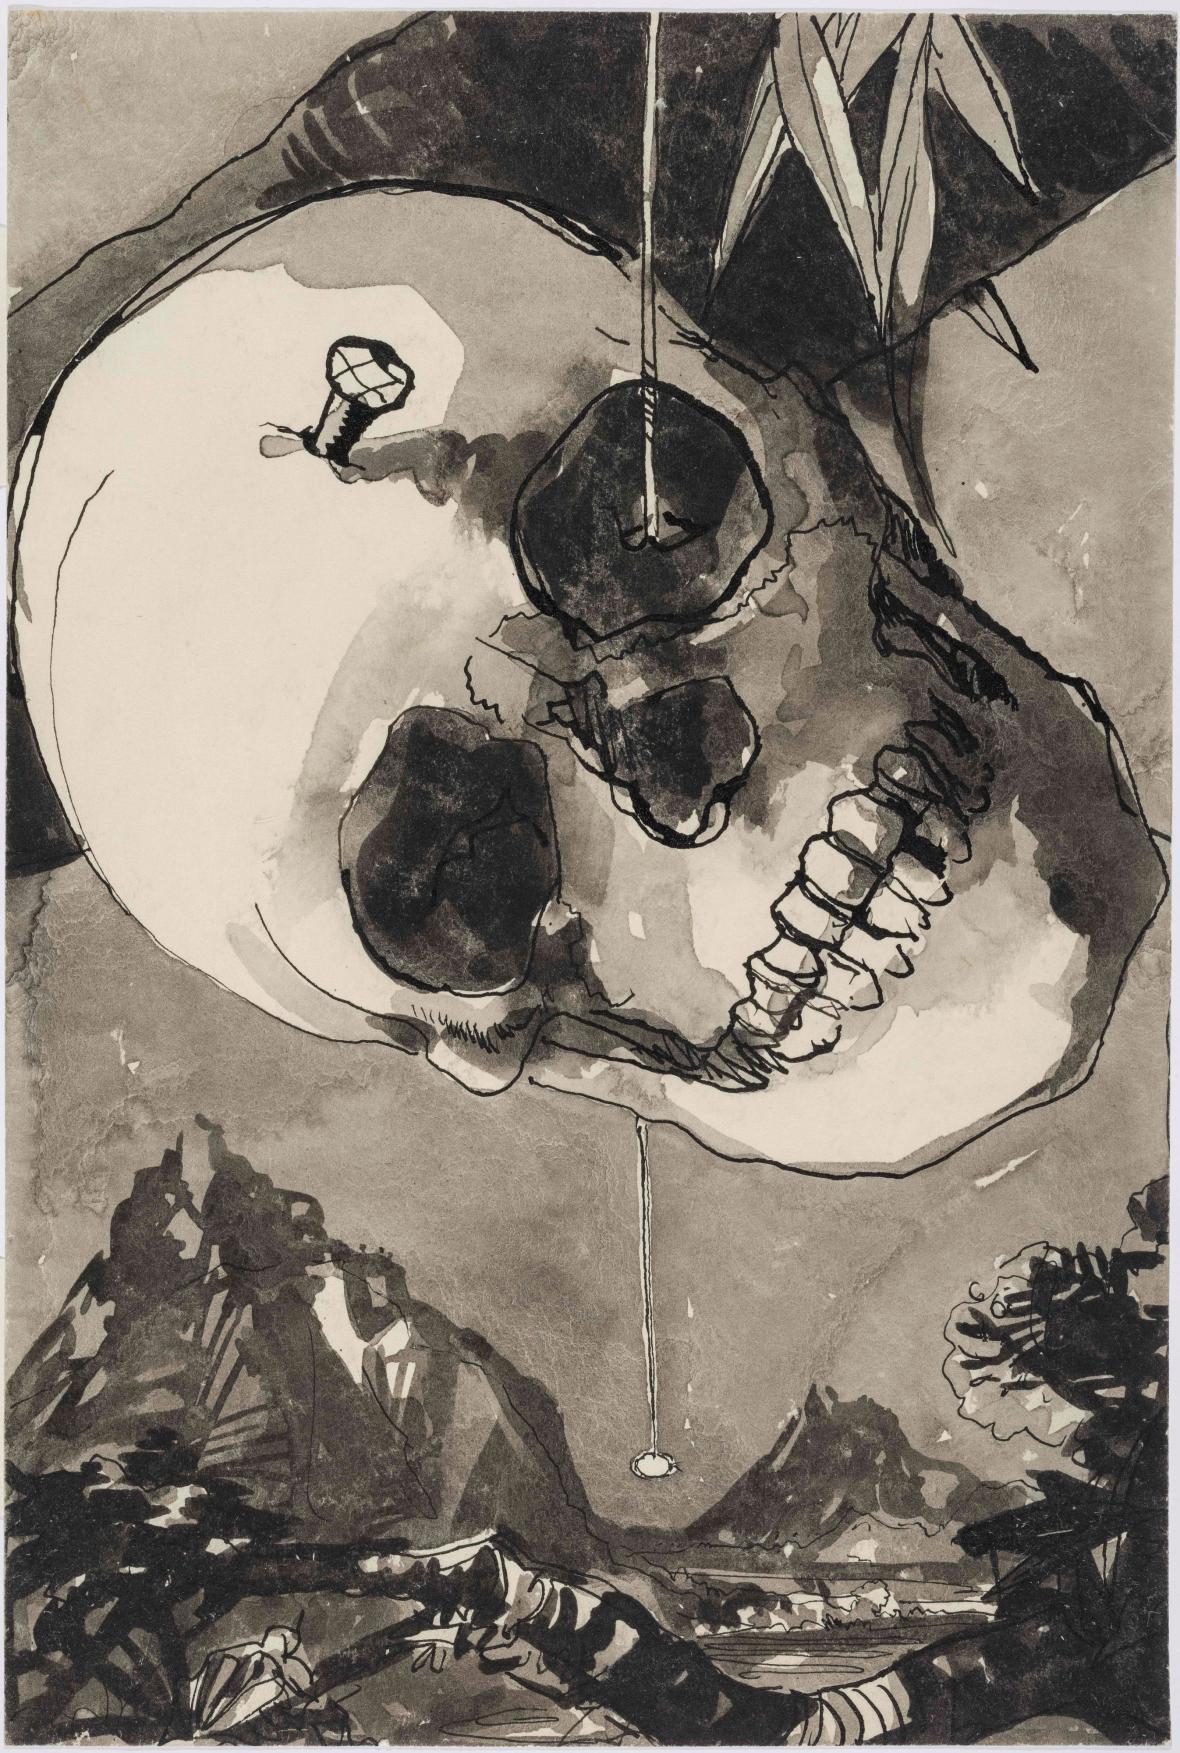 Karel Souček / Zlatý brouk, ilustrace ke knize E. A. Poea Zrádné srdce, 1959